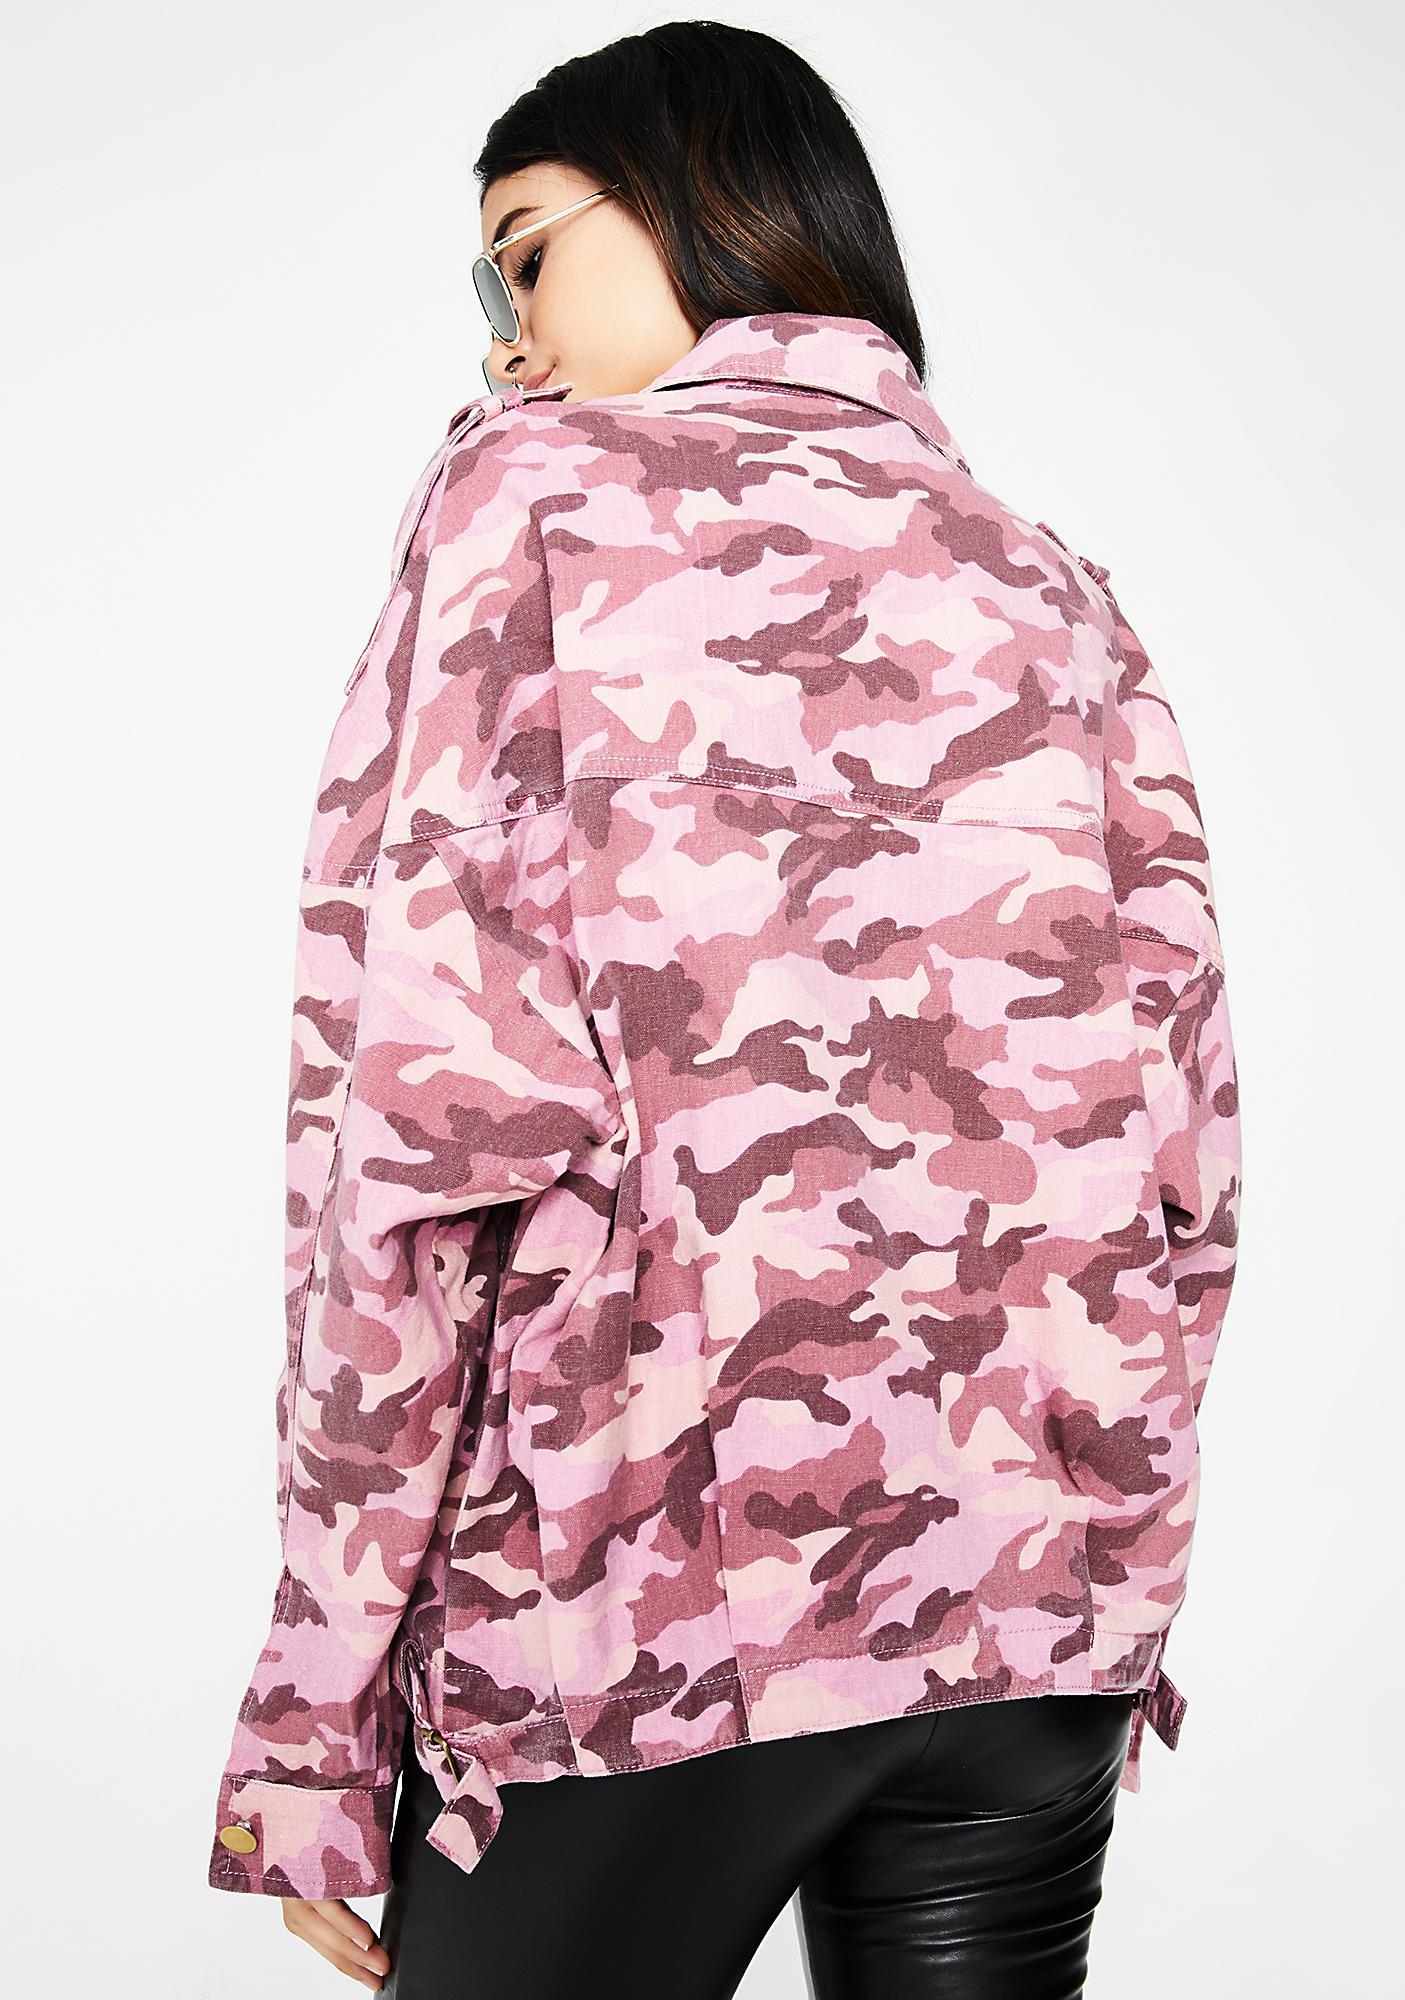 Heads Up Camo Jacket